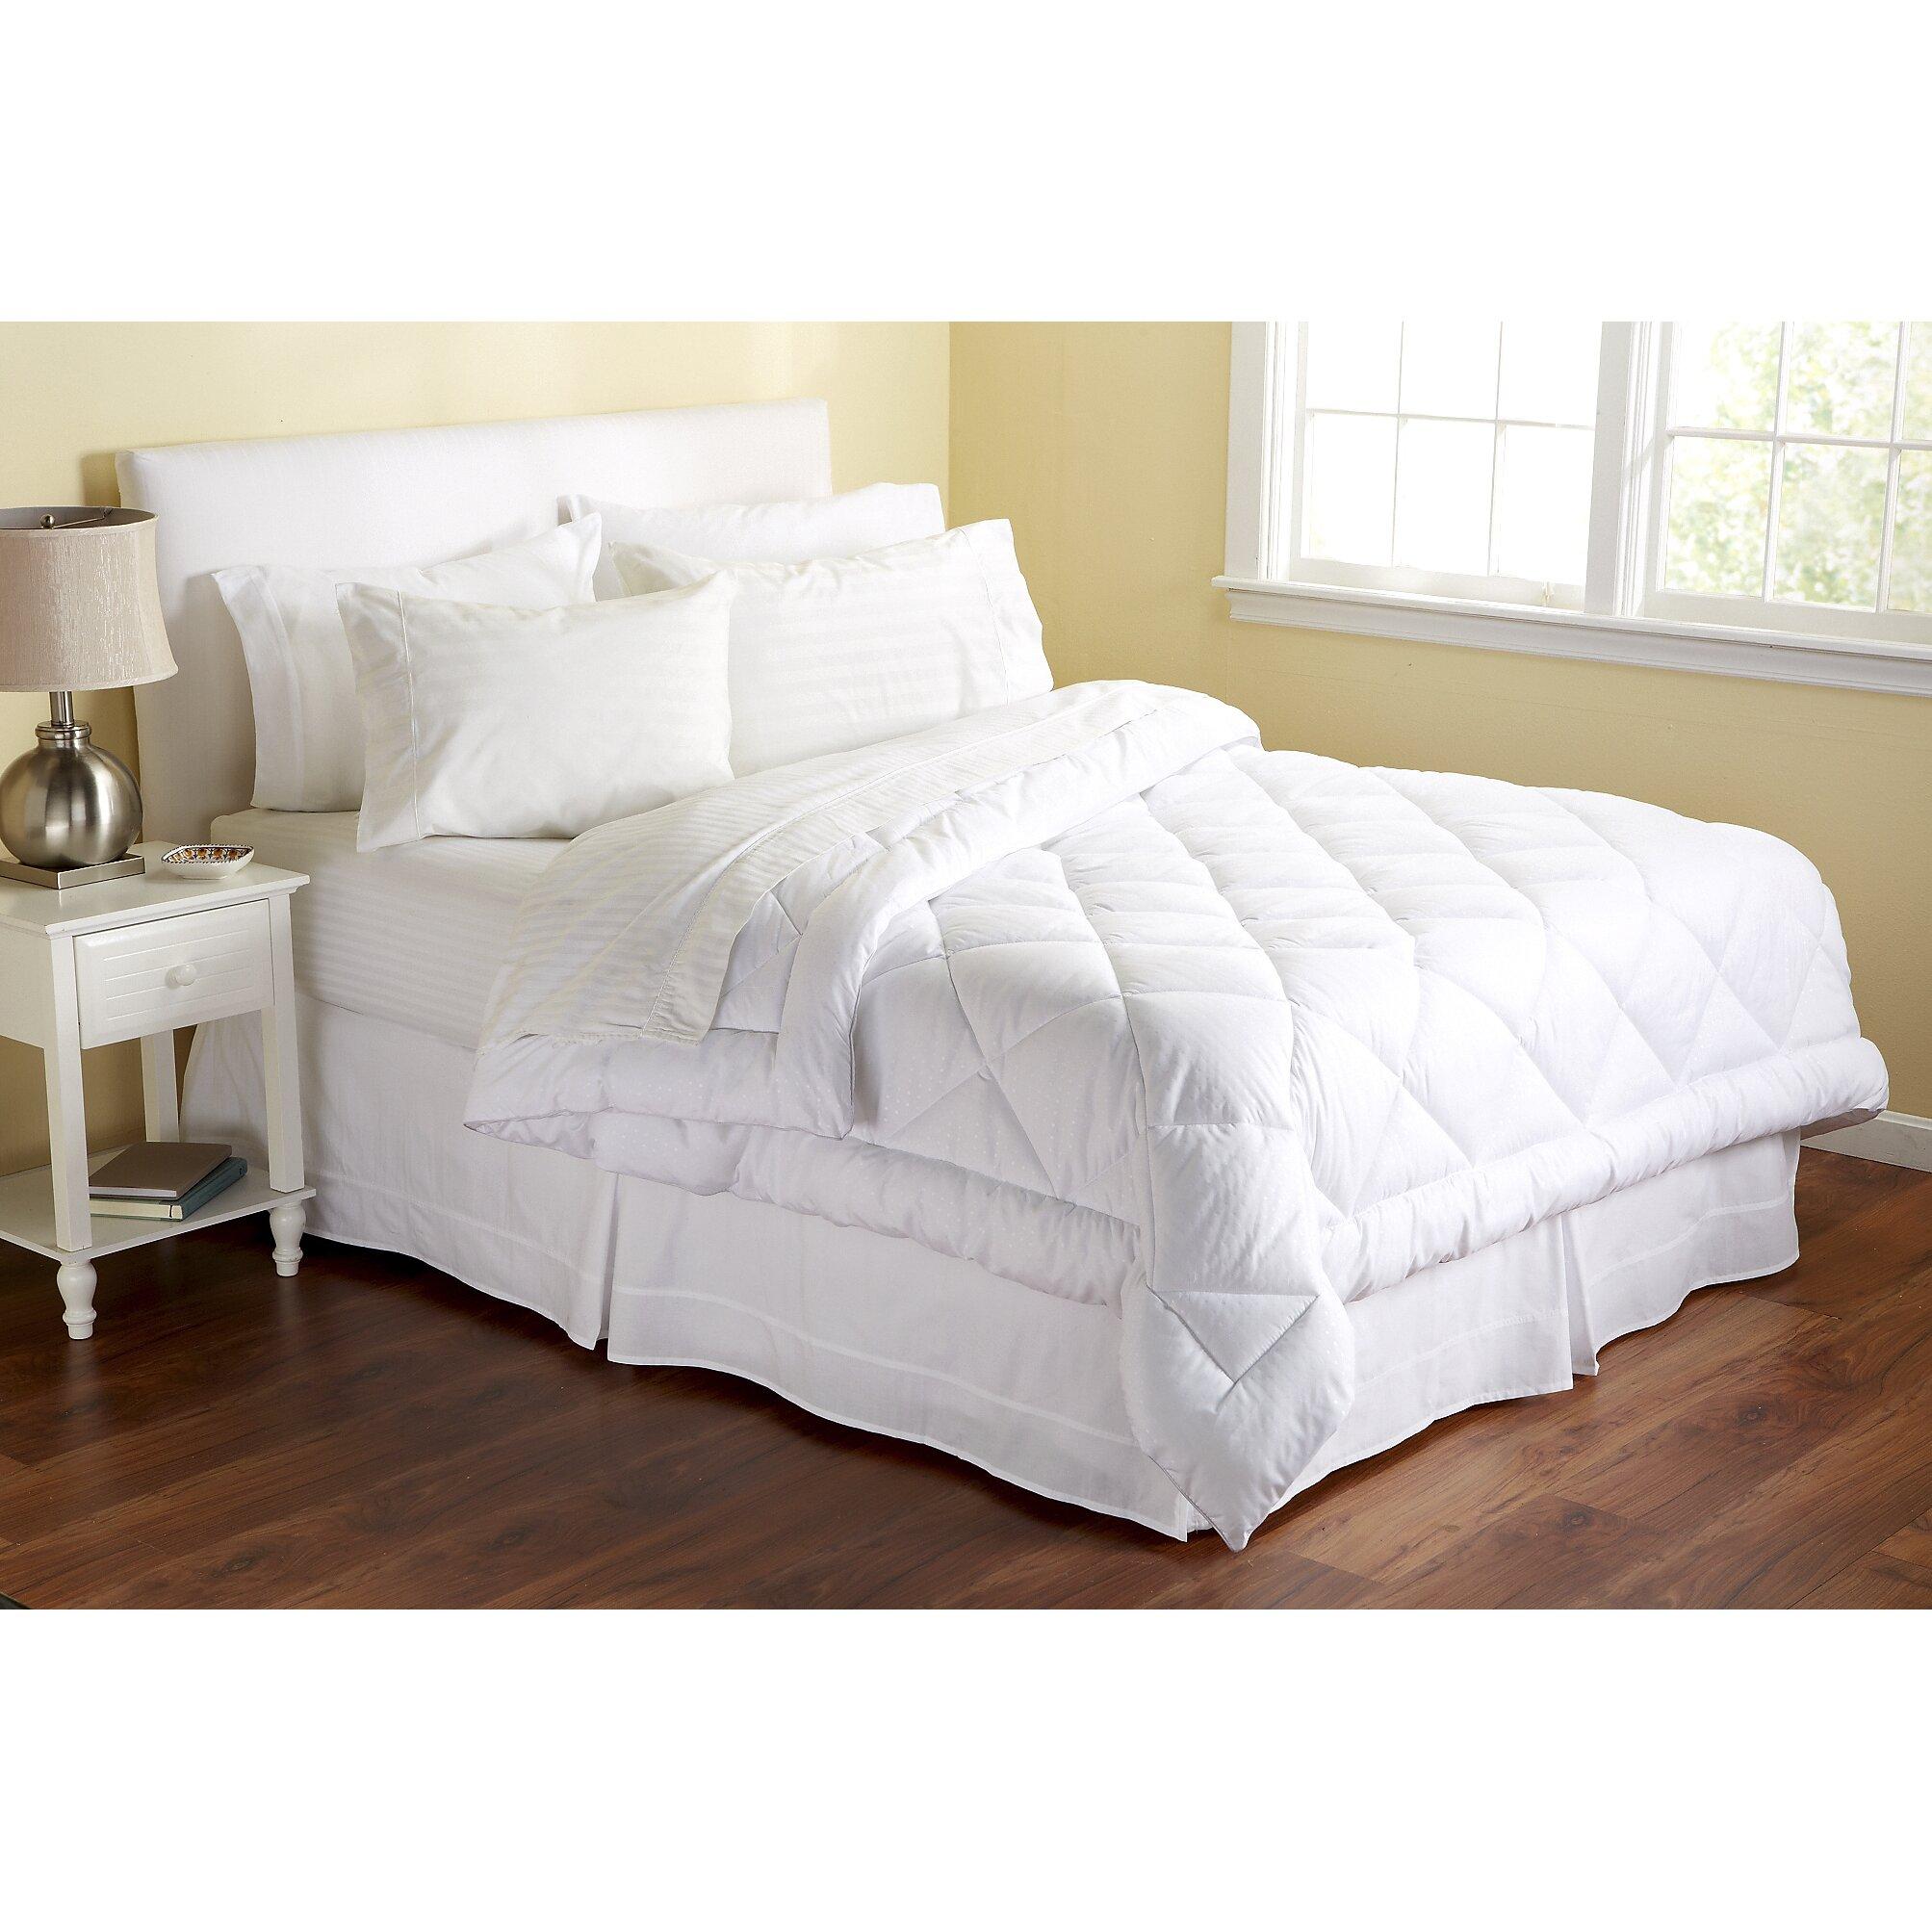 Home Fashion Design Bella Down Alternative Comforter